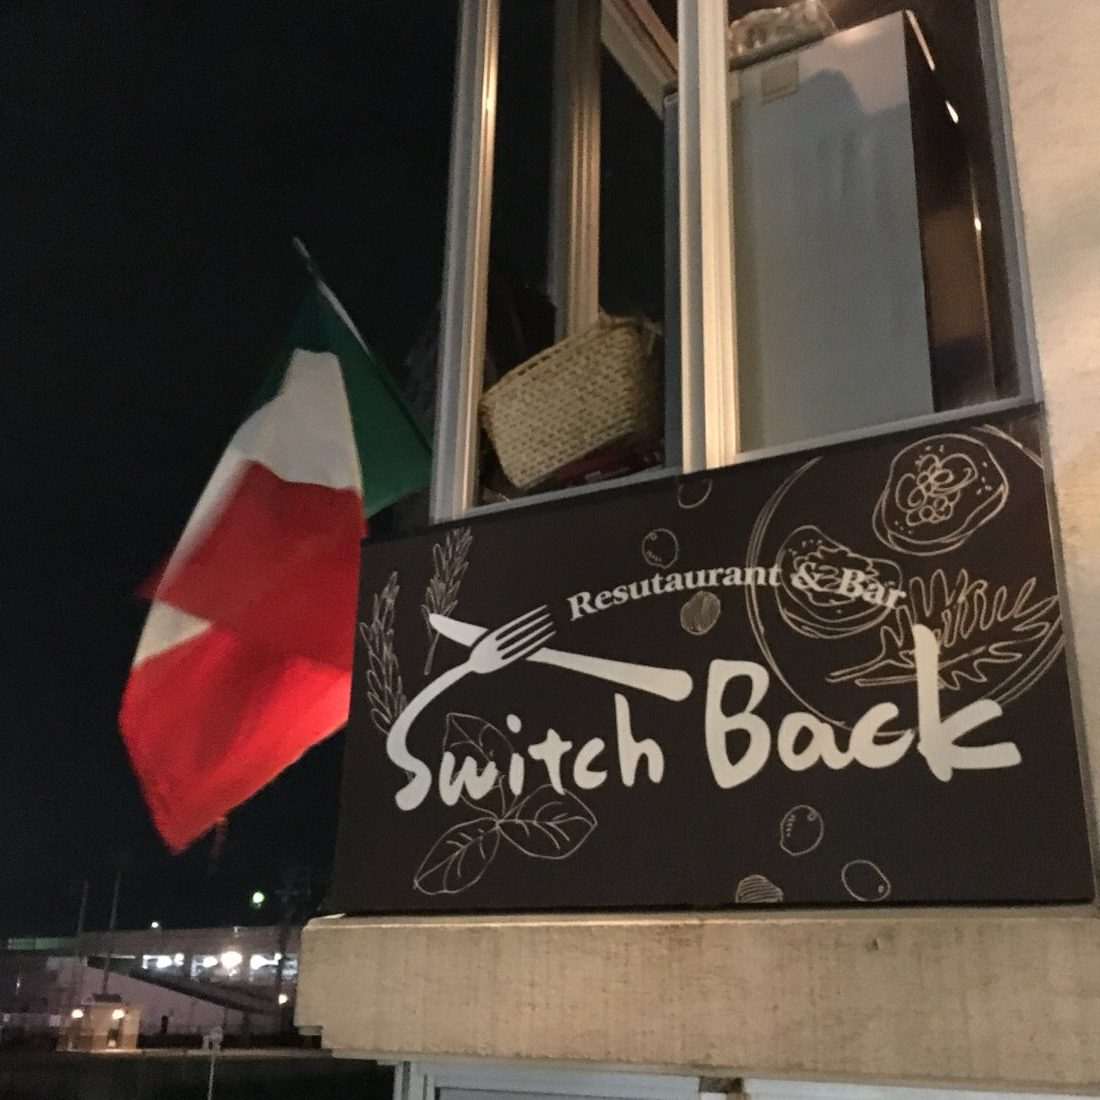 岡崎駅から徒歩で行けるレストラン・バー『Switch Back』の料理が絶品!